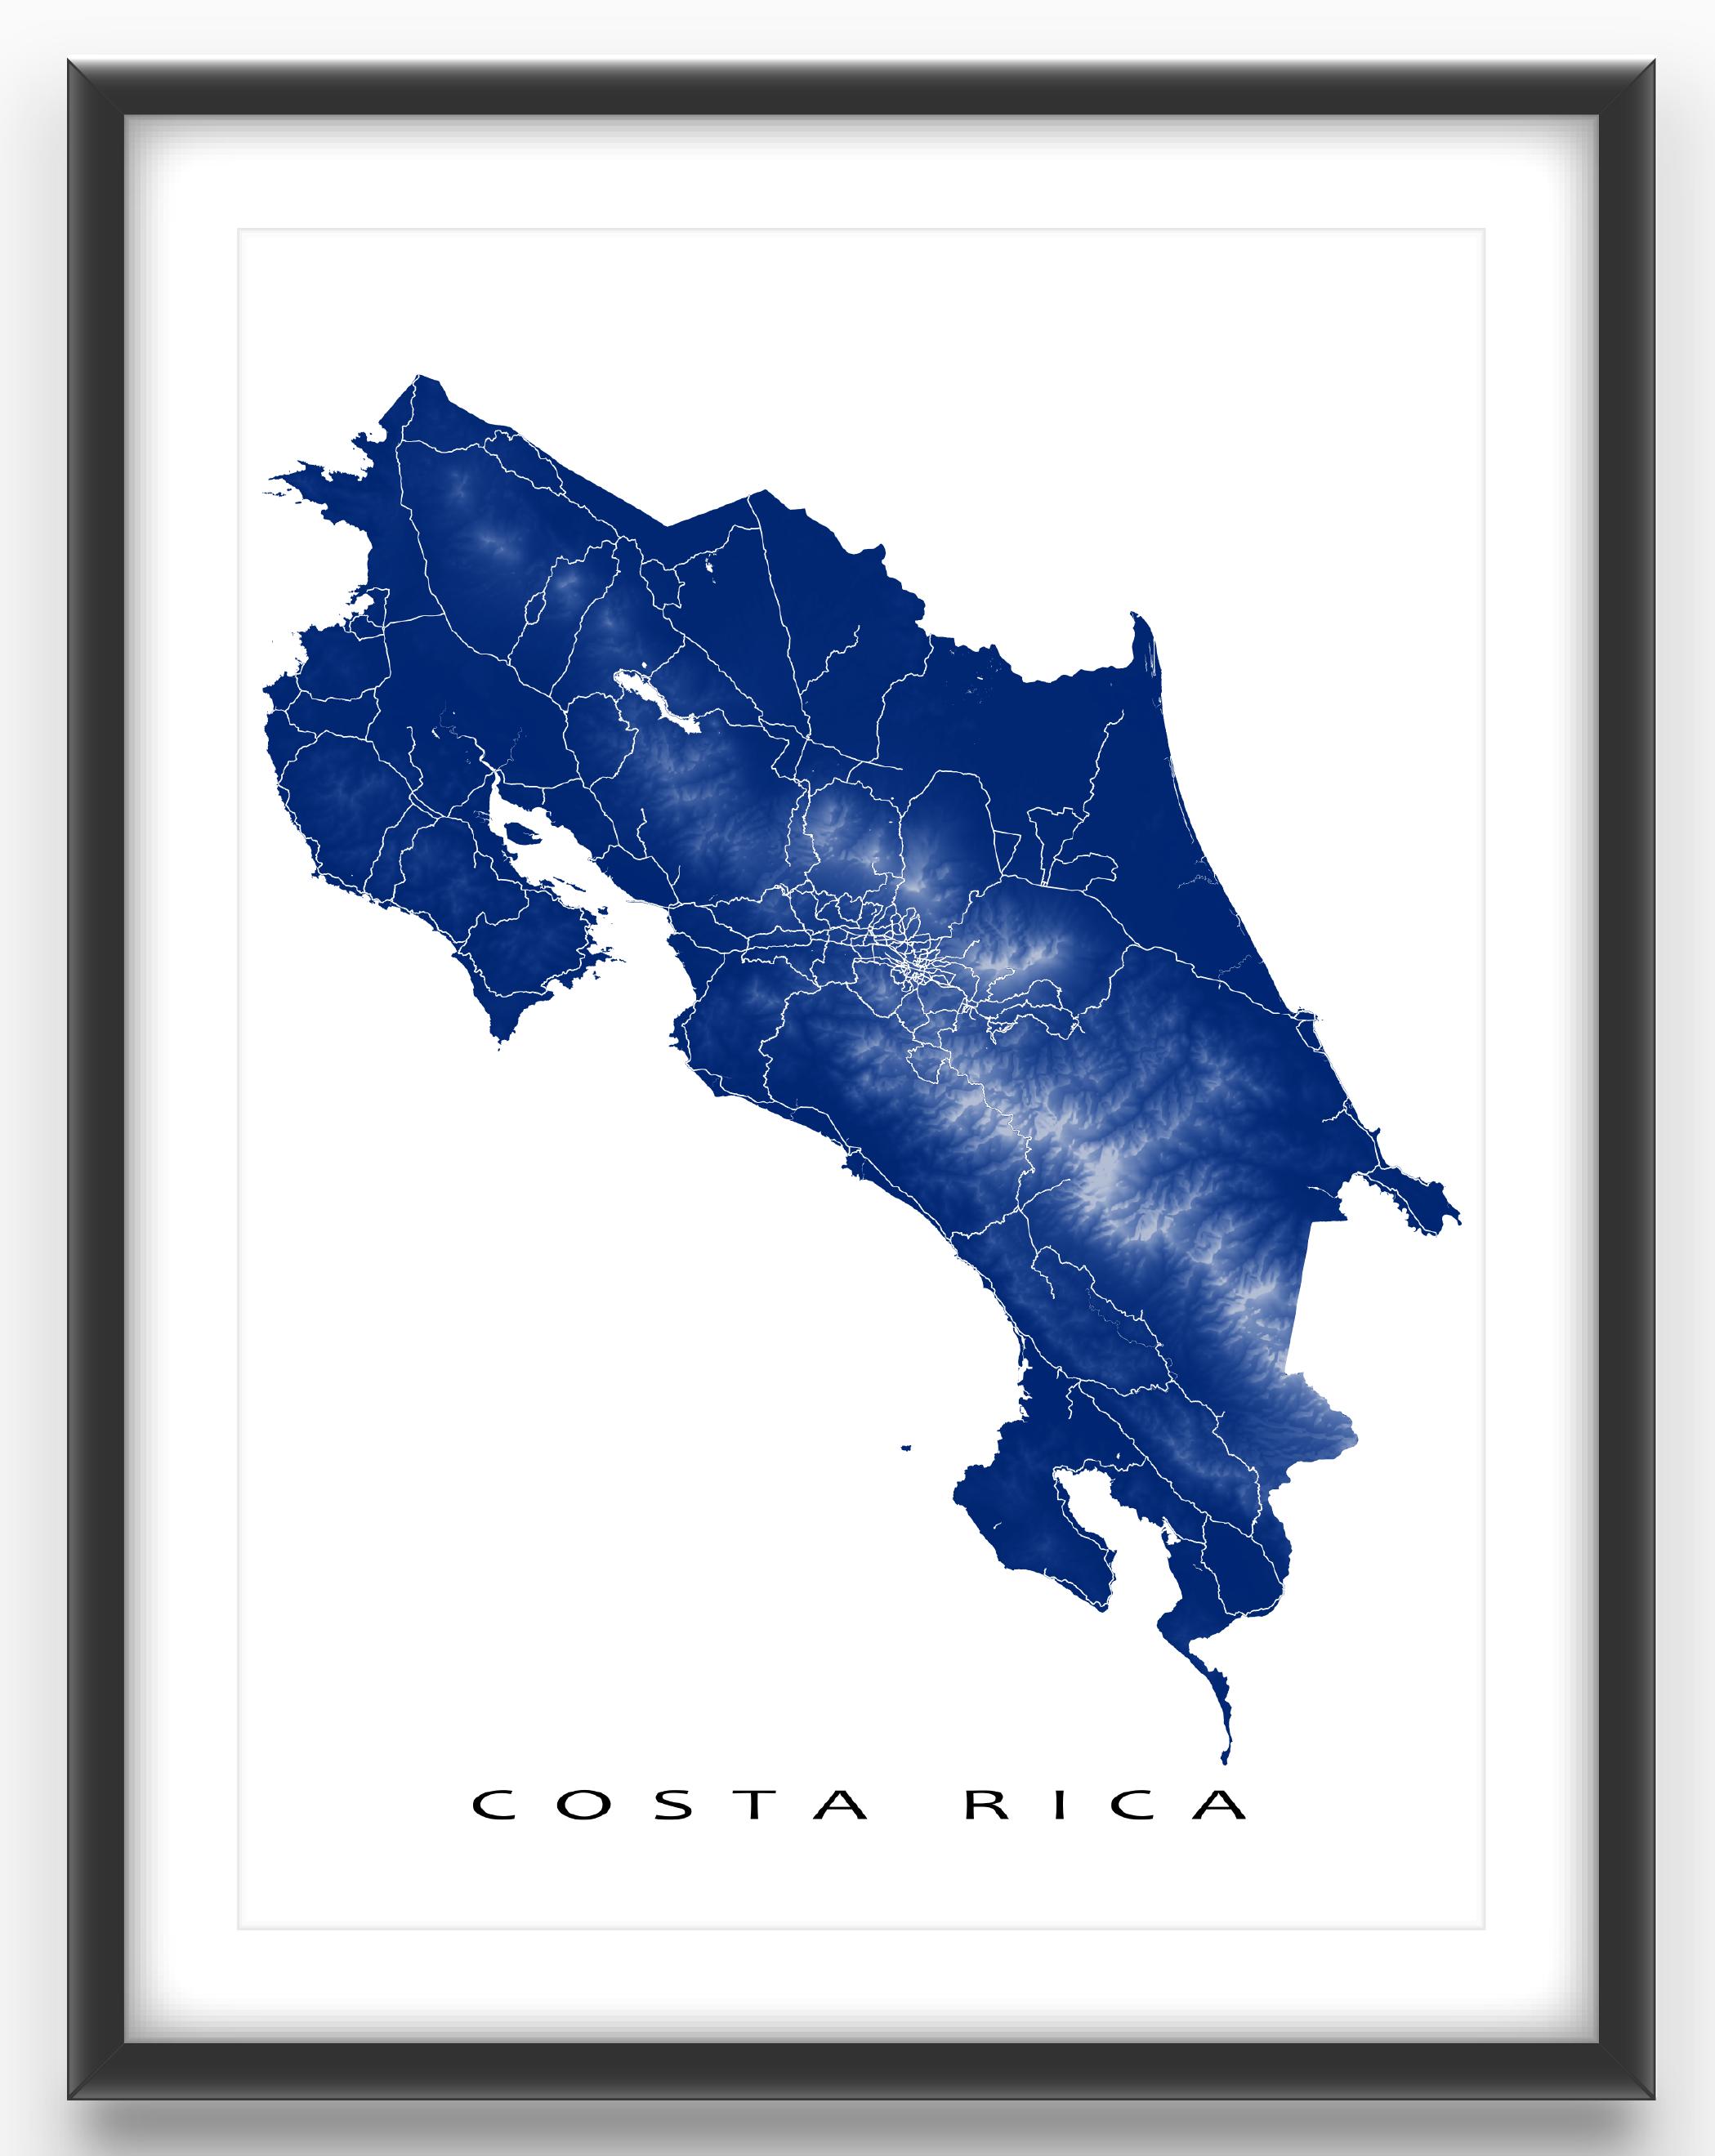 Costa Rica Map Outline Logo Brandprofiles Com Costa Rica Map Map Outline Travel Journal Scrapbook